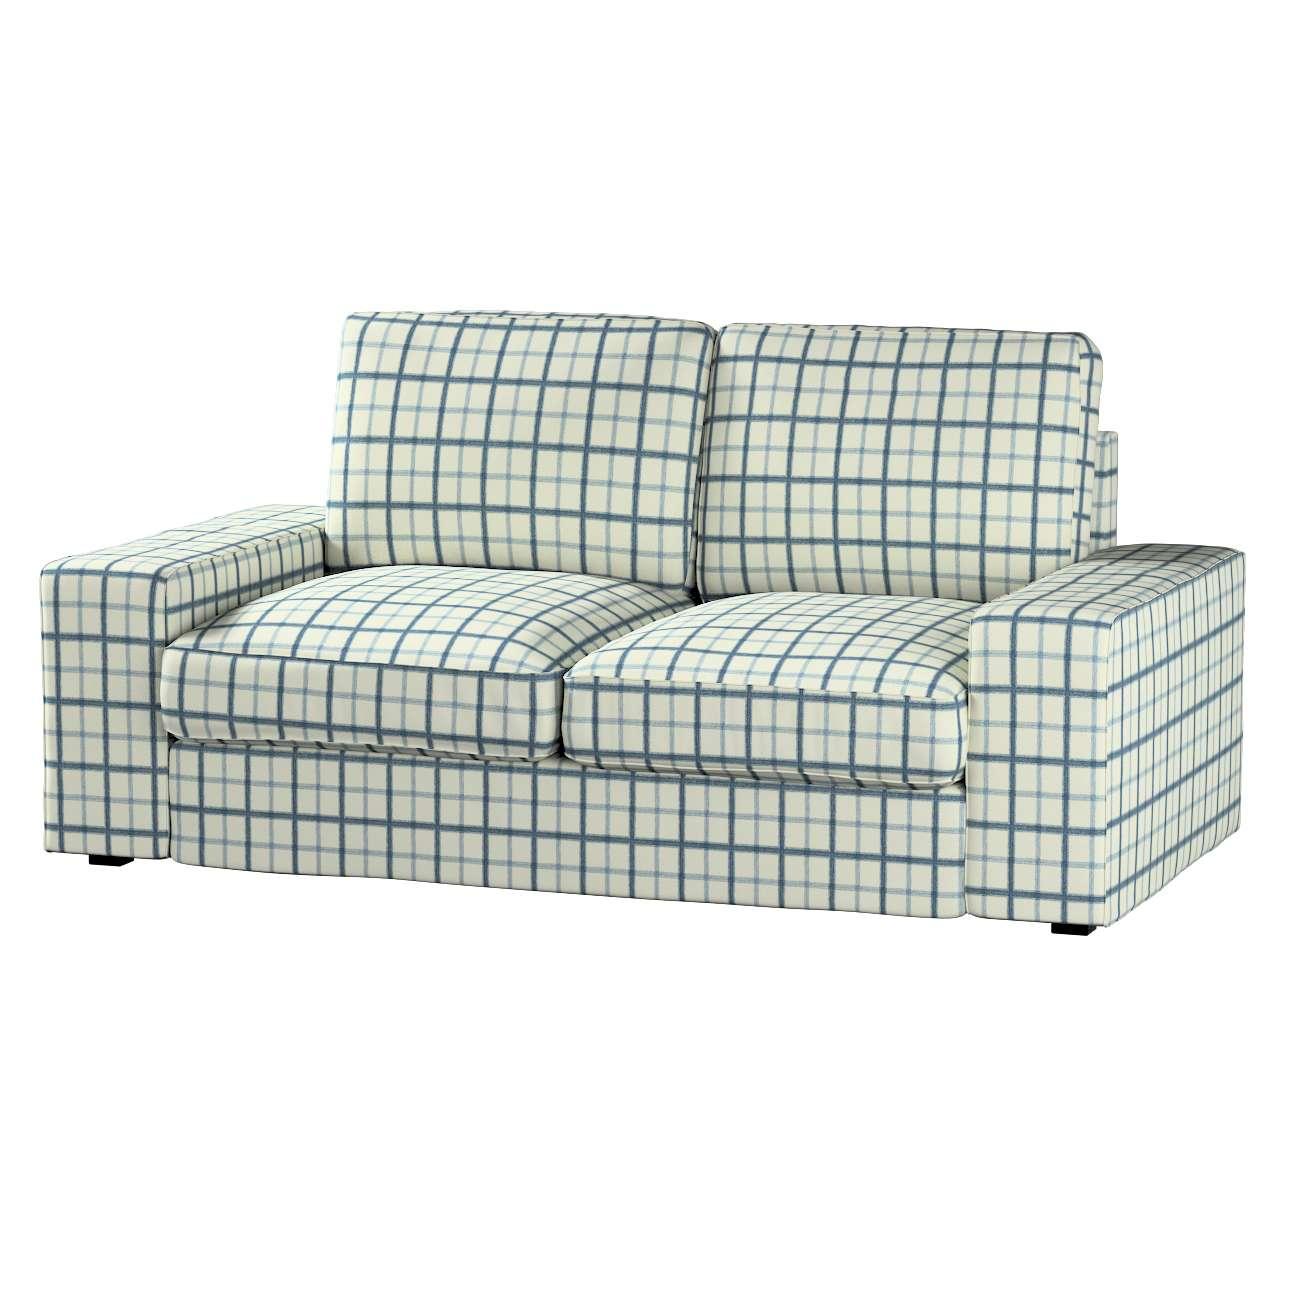 KIVIK dvivietės sofos užvalkalas Kivik 2-seat sofa kolekcijoje Avinon, audinys: 131-66